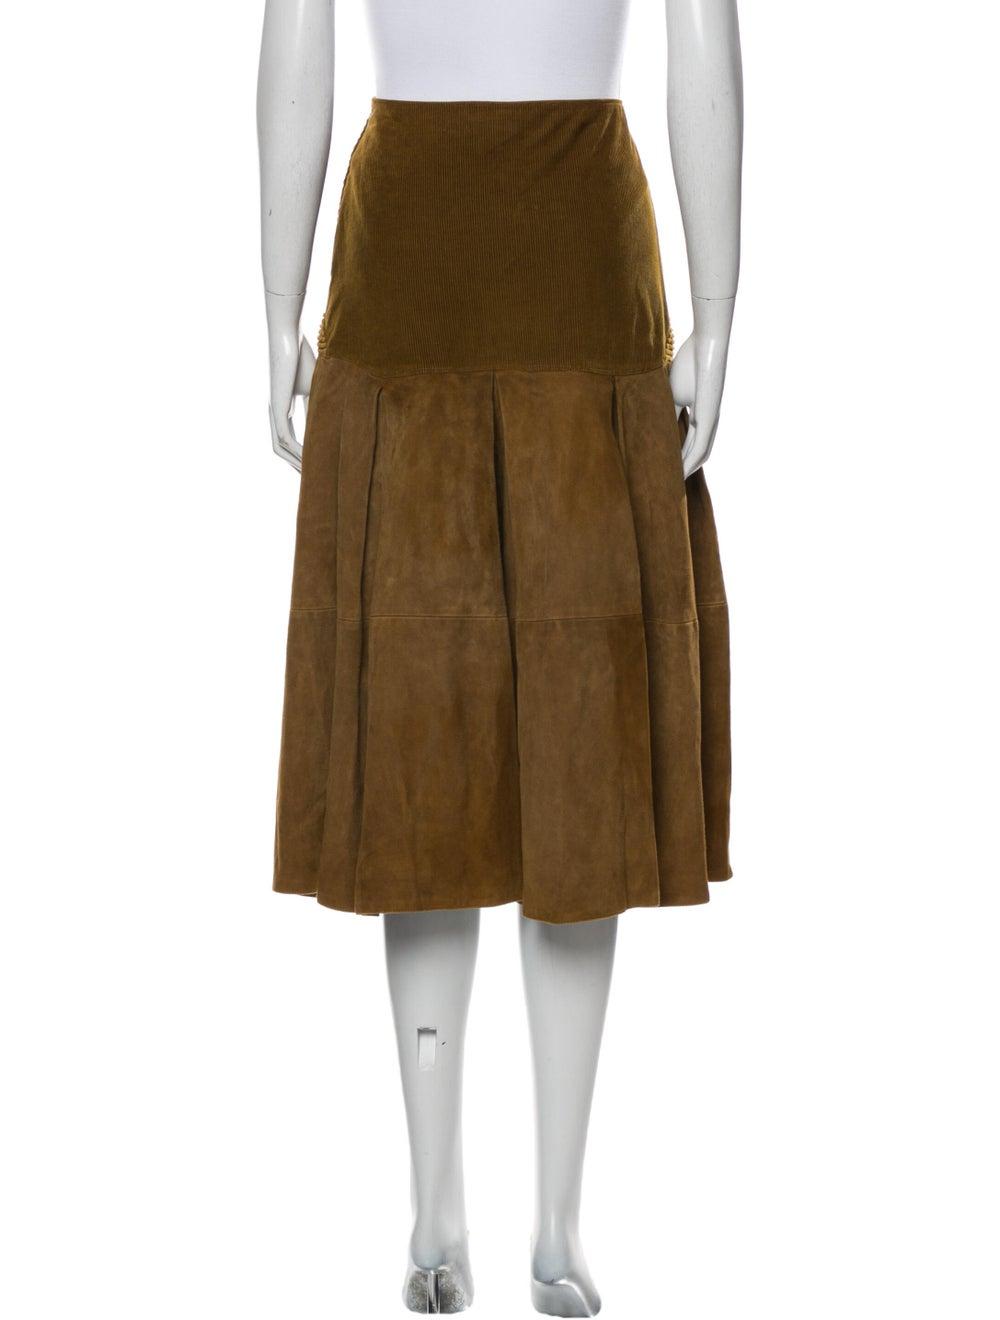 Gianni Versace Vintage Midi Length Skirt Brown - image 3